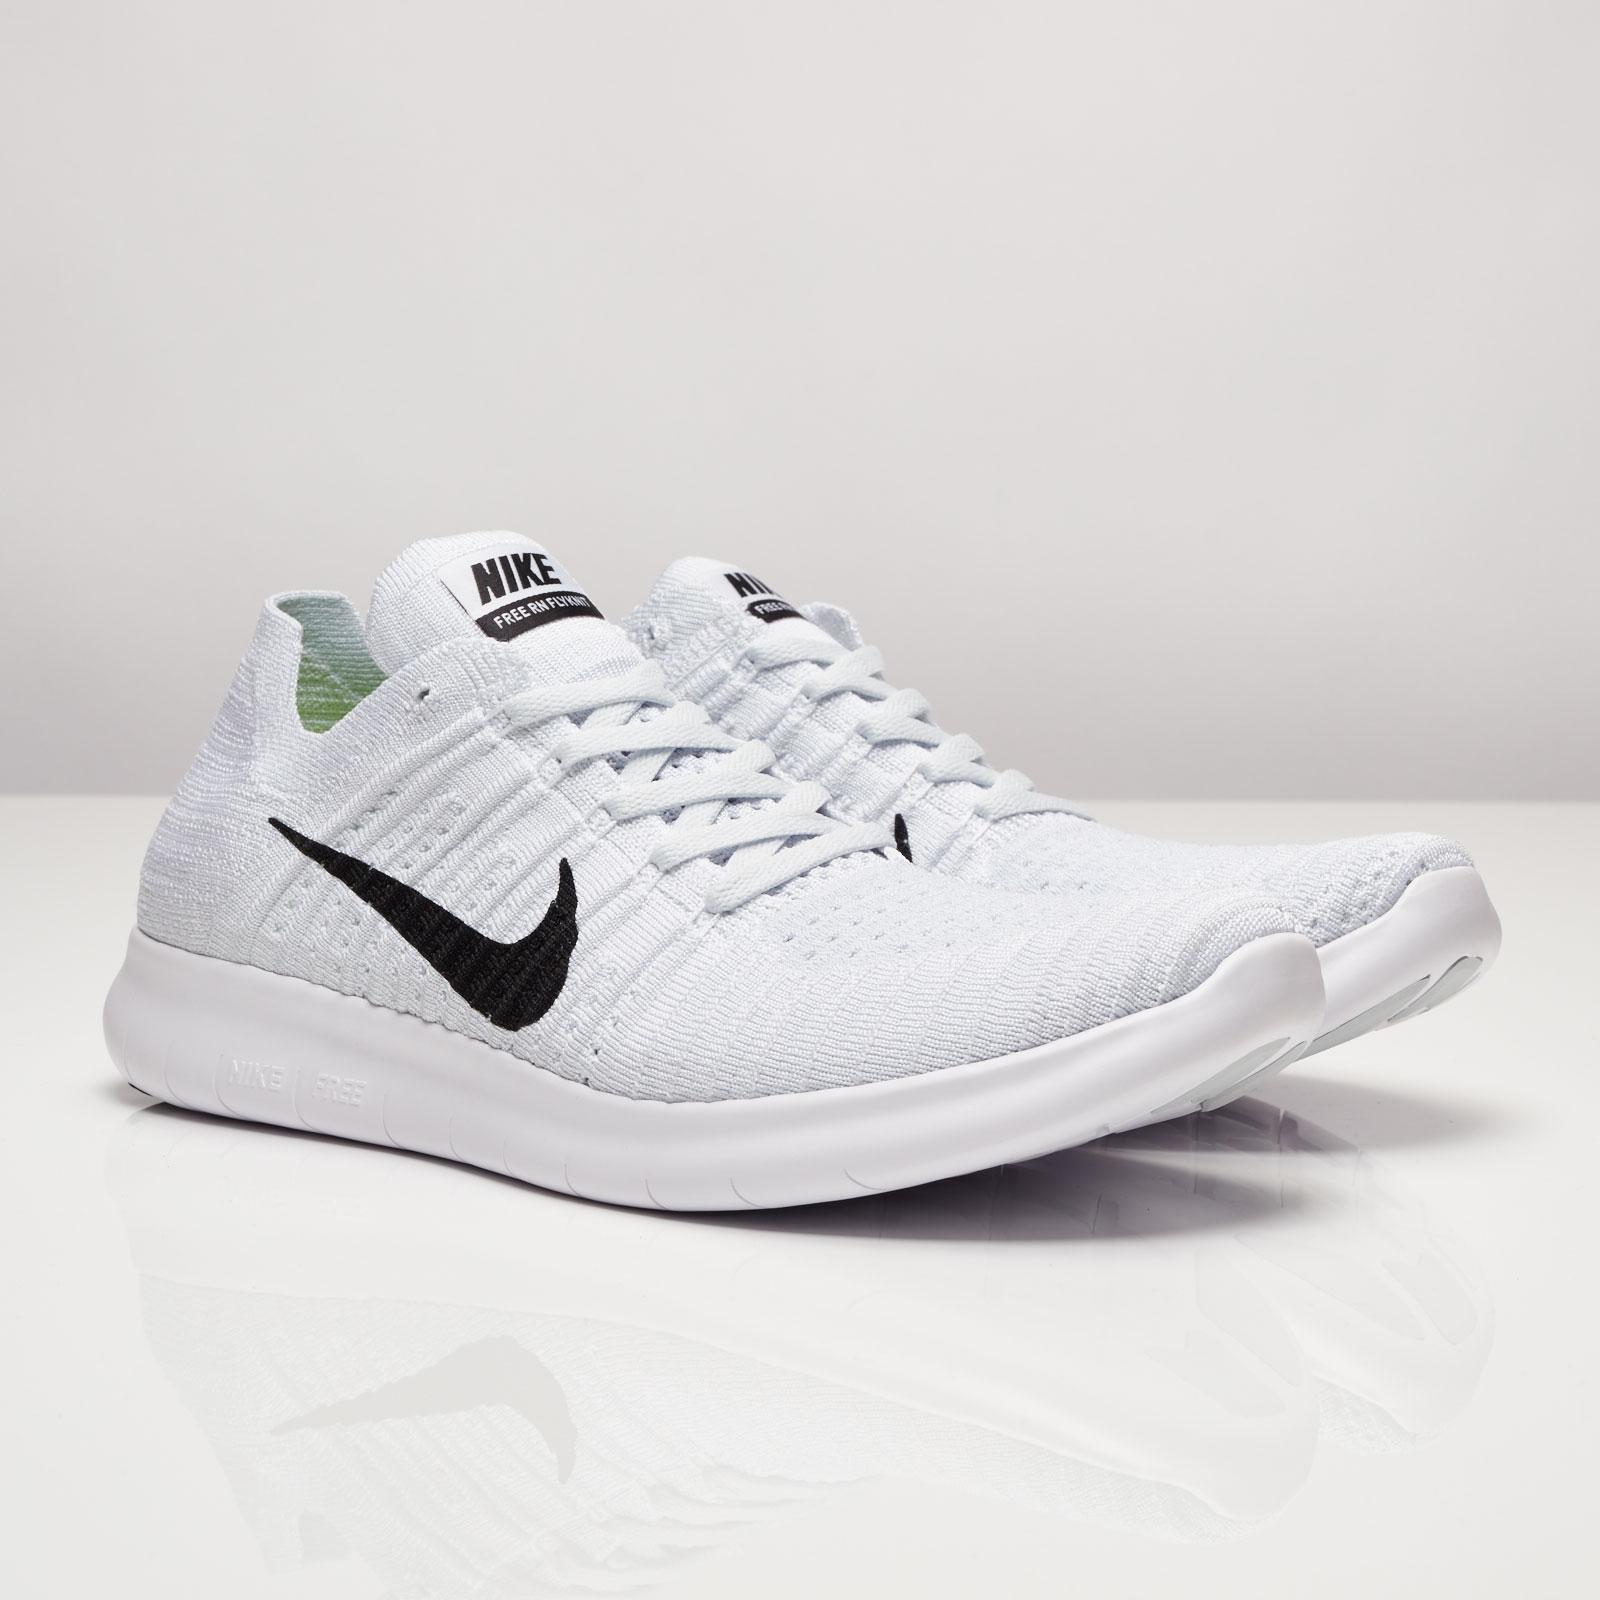 quality design 62877 b763b Nike Free RN Flyknit